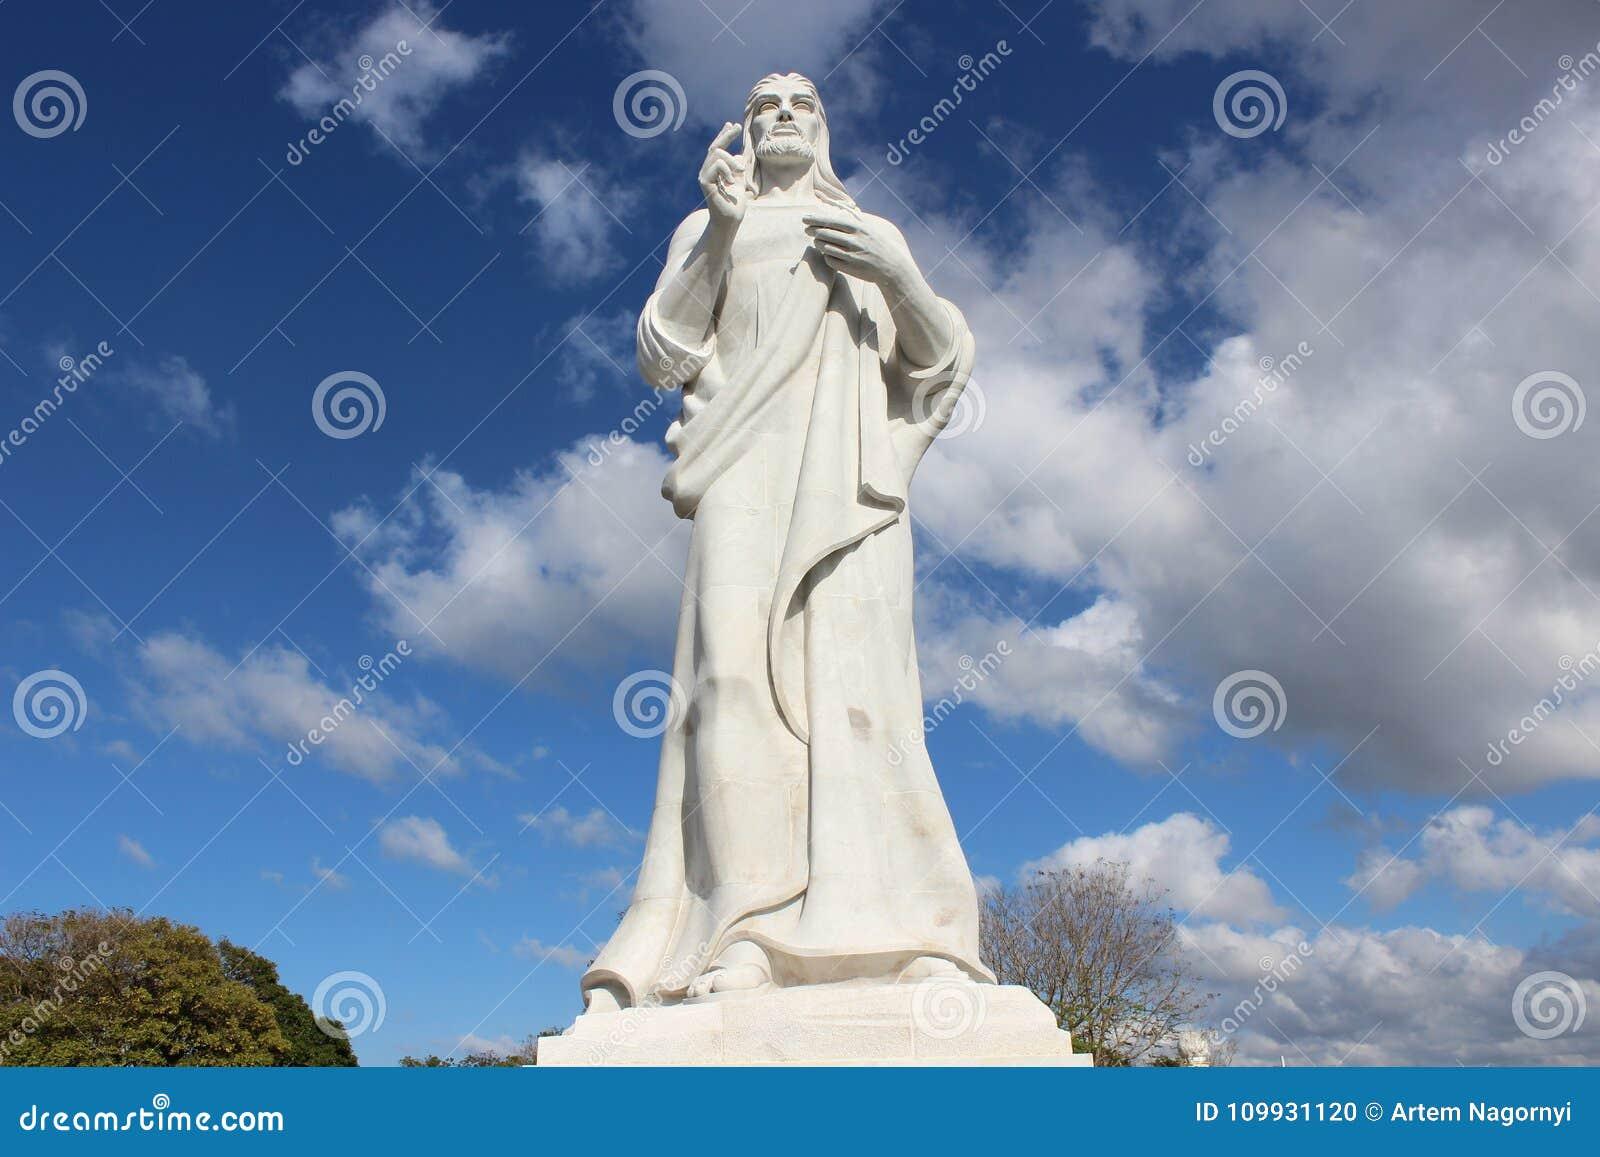 Estátua de Jesus Christ em Havana, Cuba